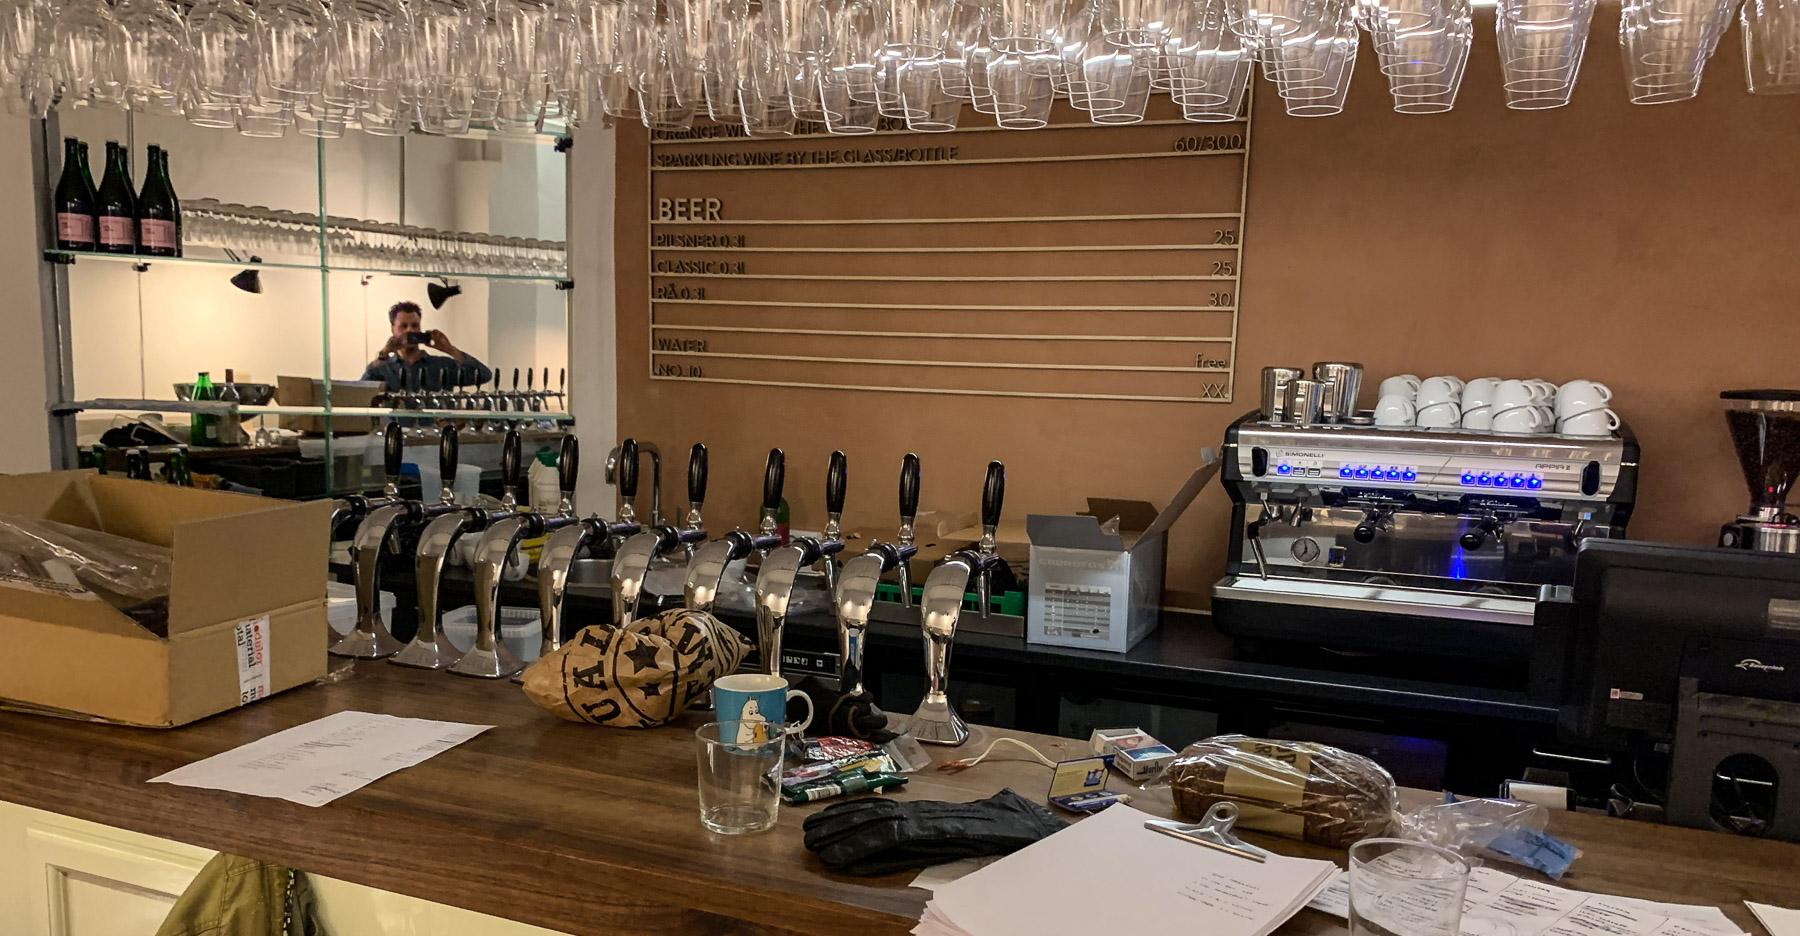 KOLO i Latinerkvarteret: Ny restaurant med naturvin på haner, og fladbrød som vi ikke har set før